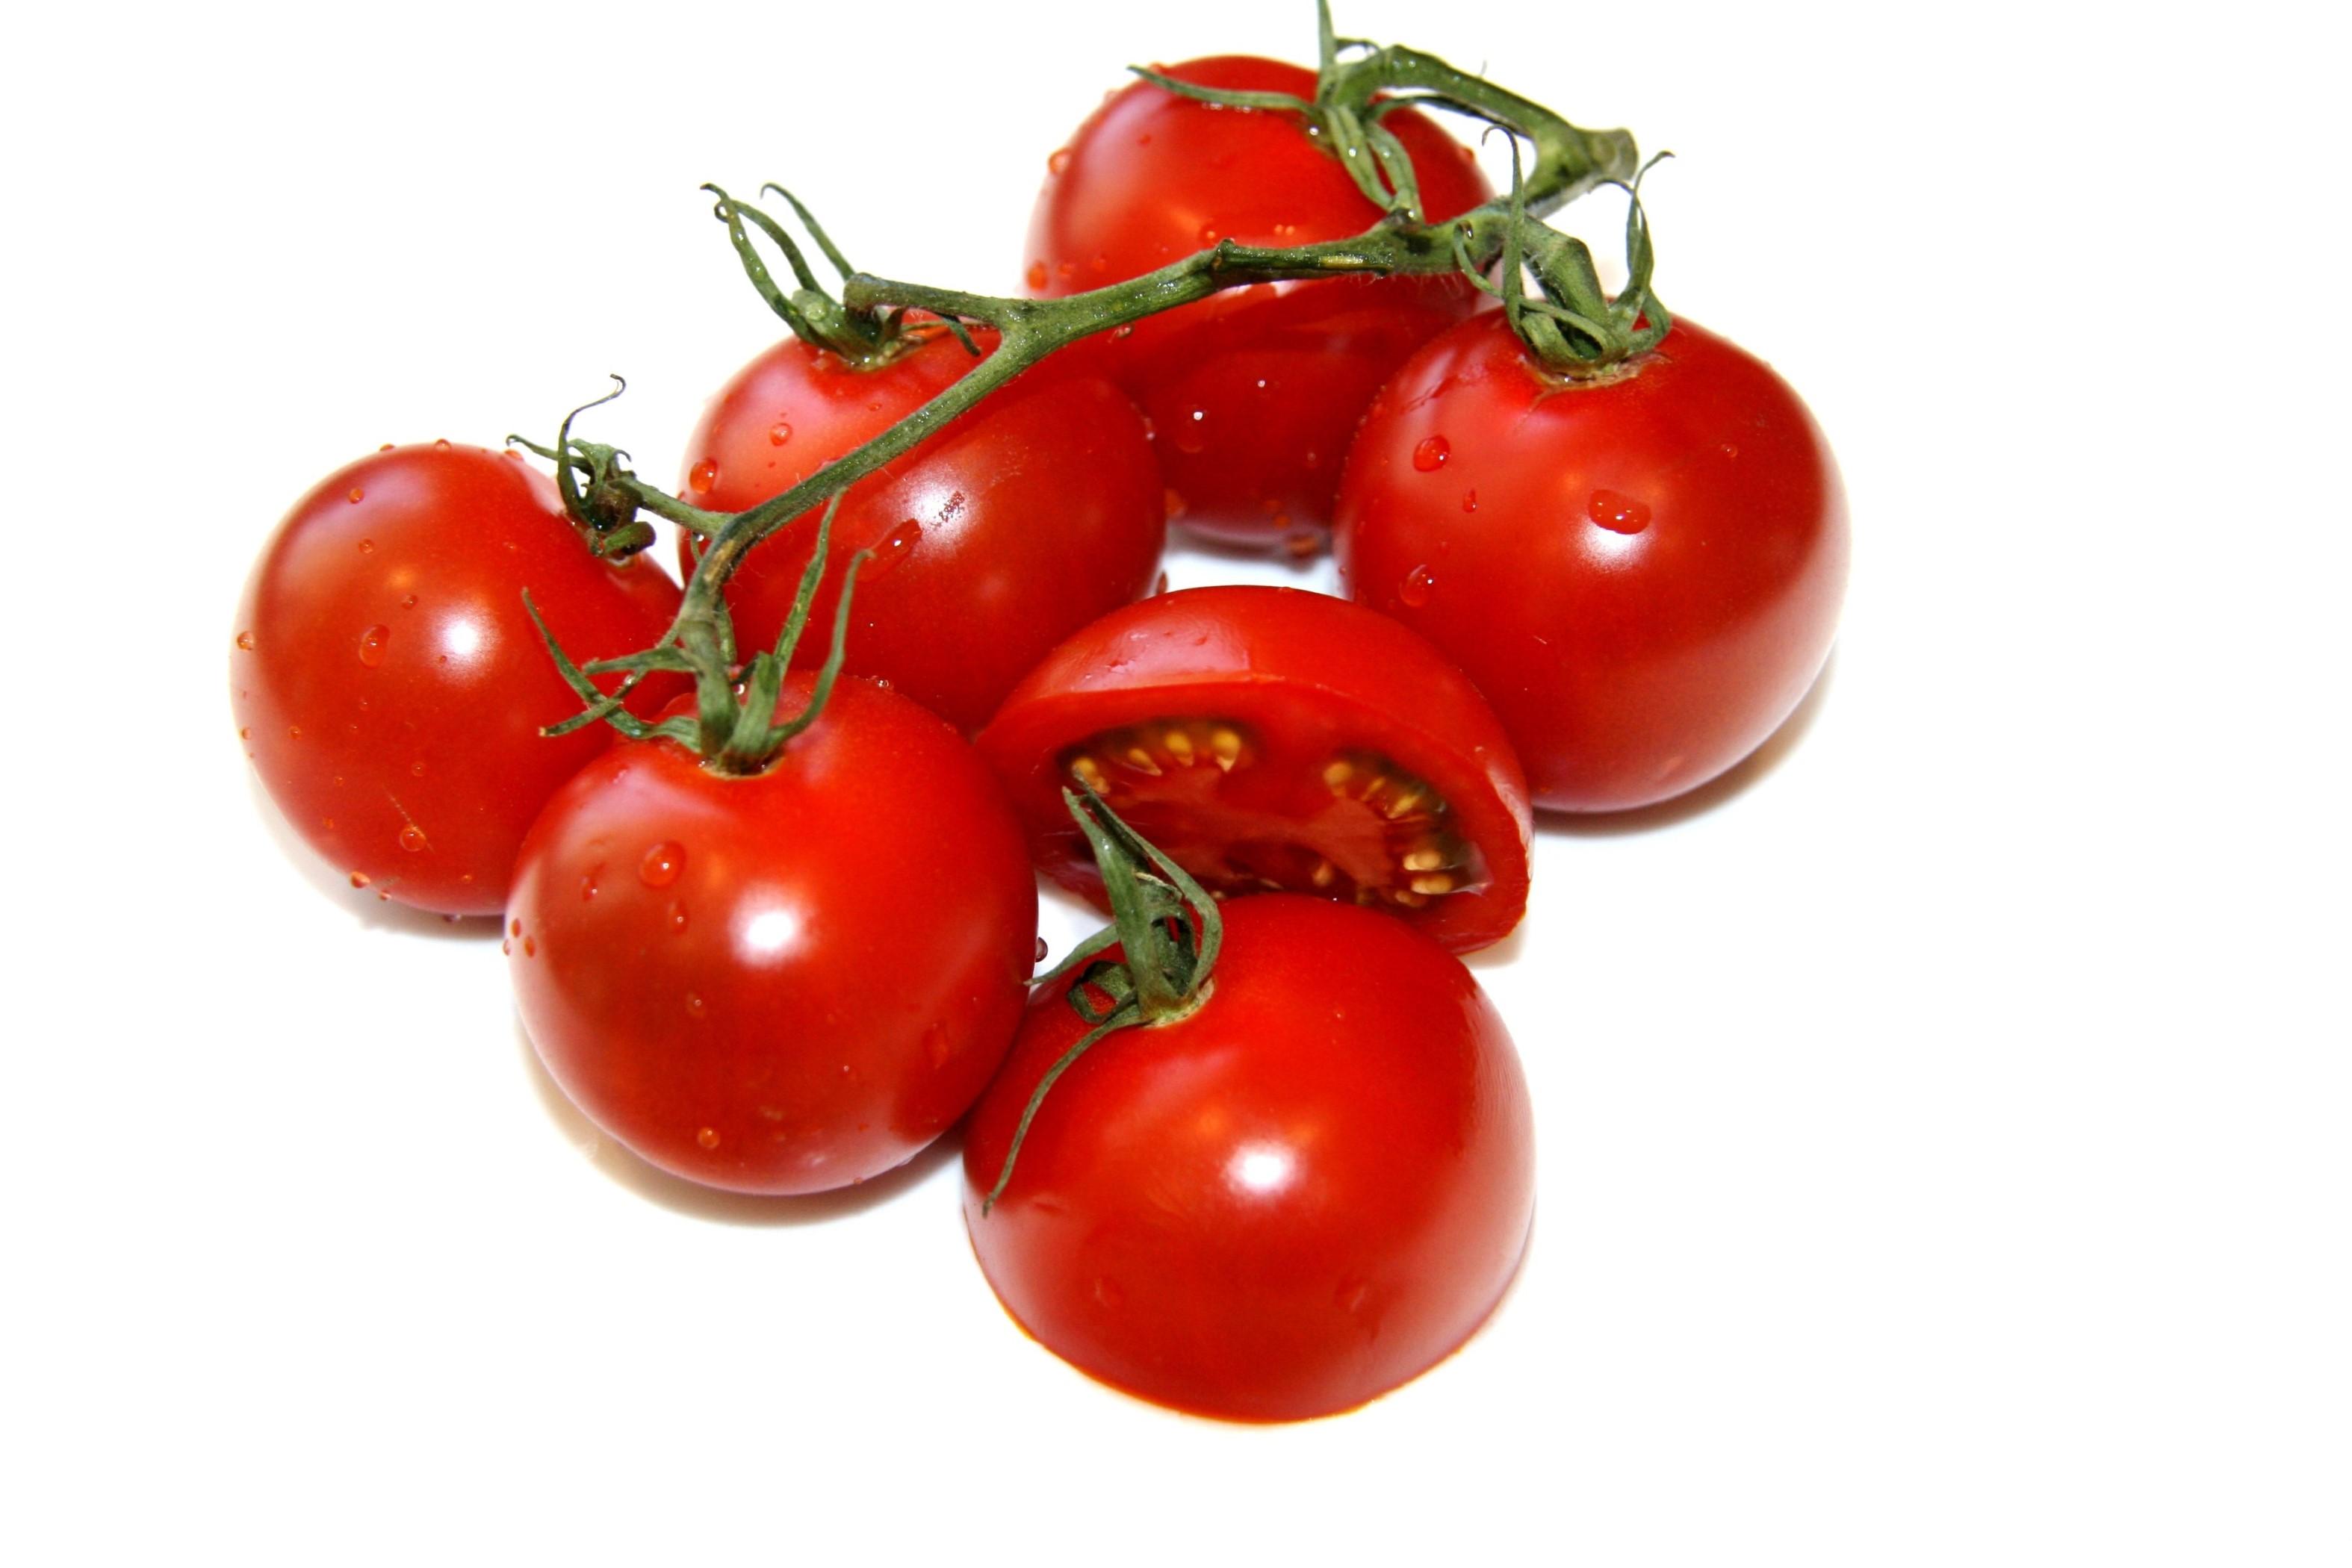 Toelichting 'Mars-tomaten-onderzoeker'